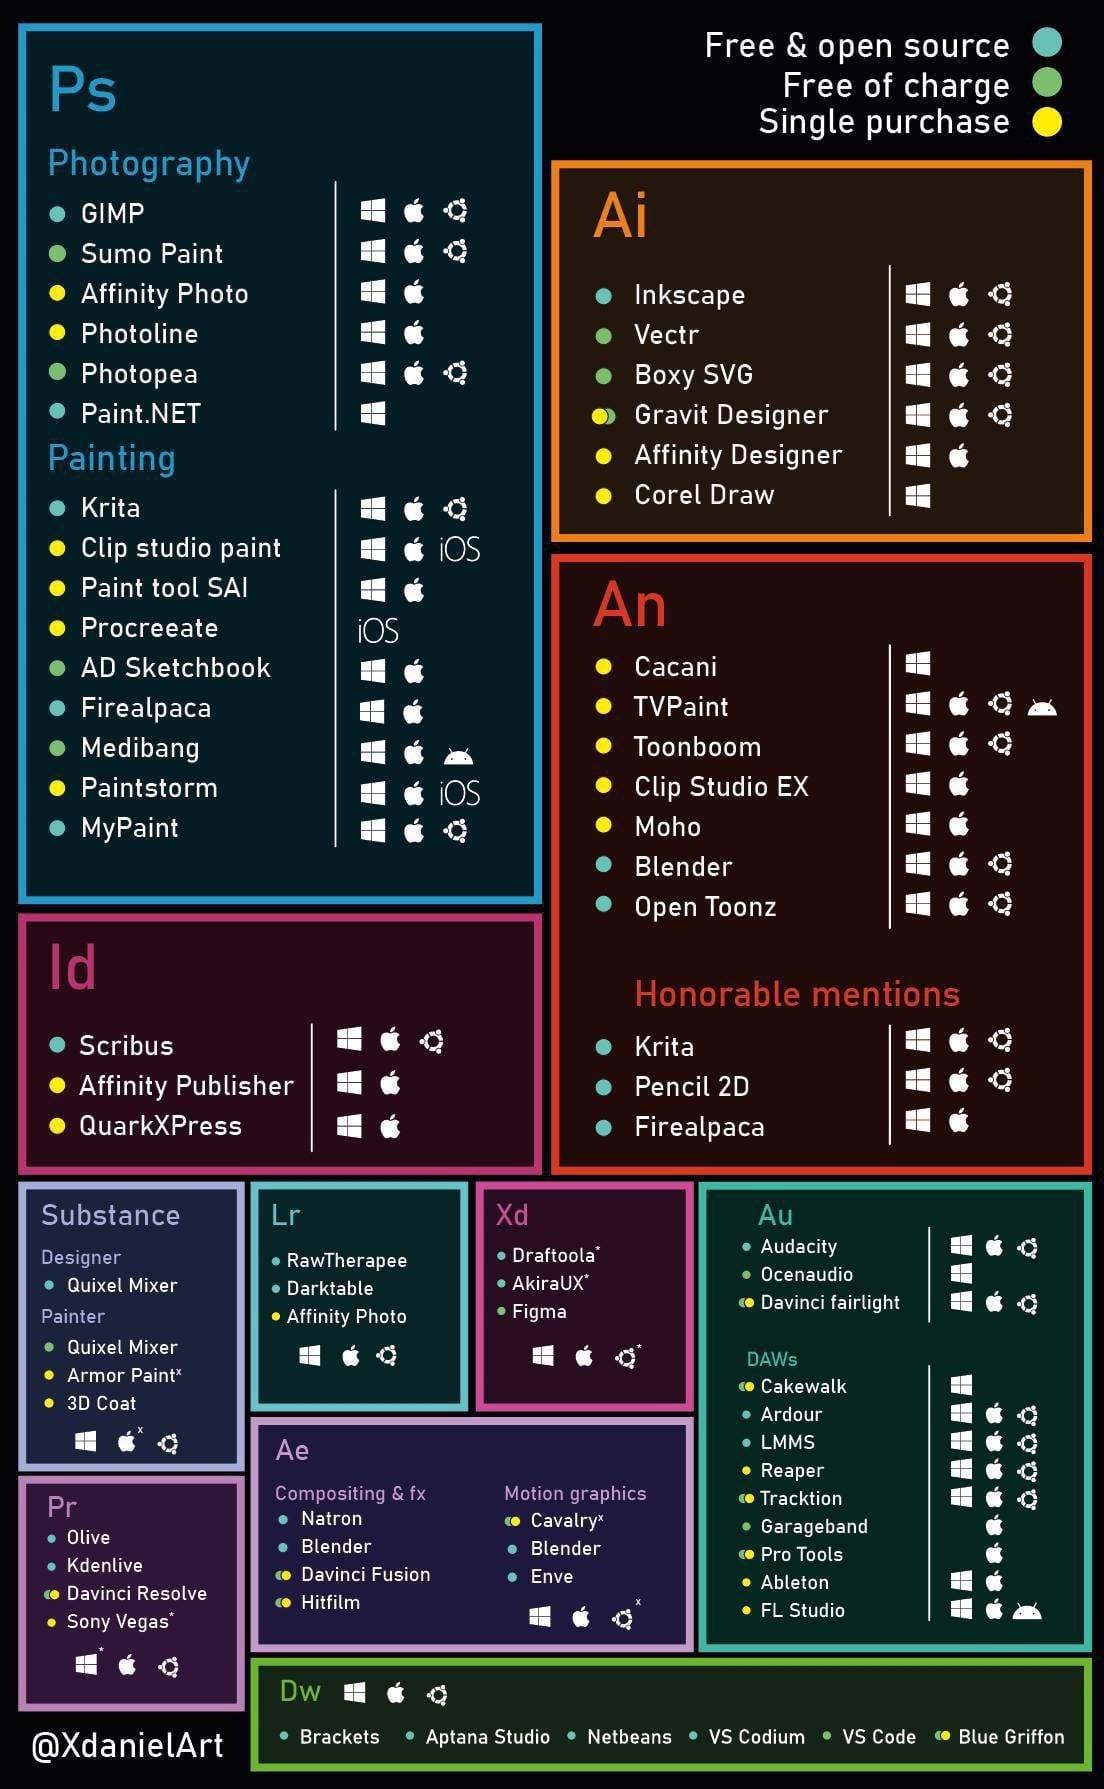 Бесплатные и открытые аналоги ПО Adobe для Linux